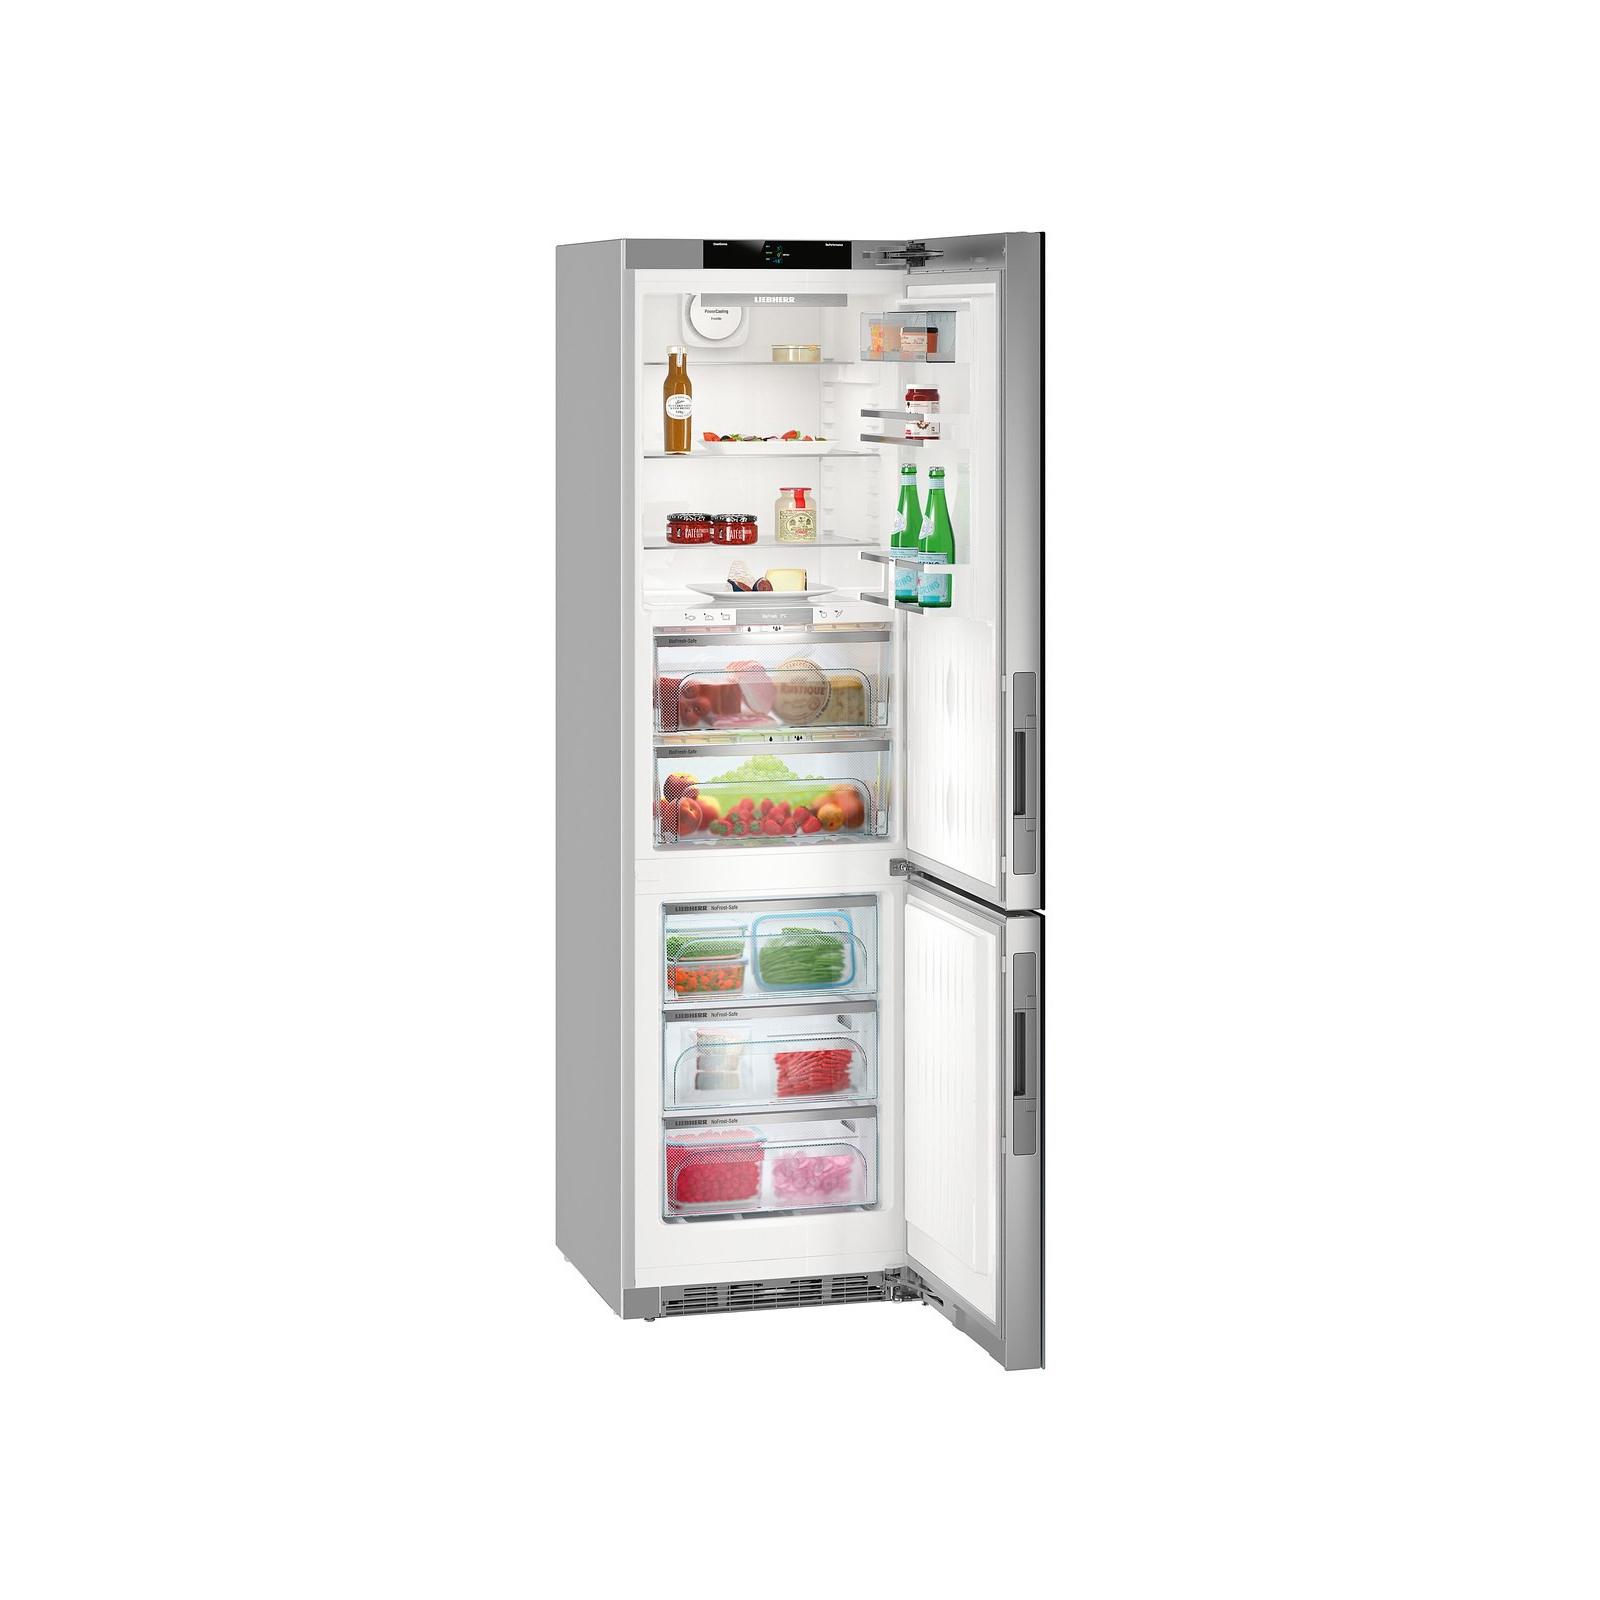 Холодильник Liebherr CBNPgb 4855 изображение 4